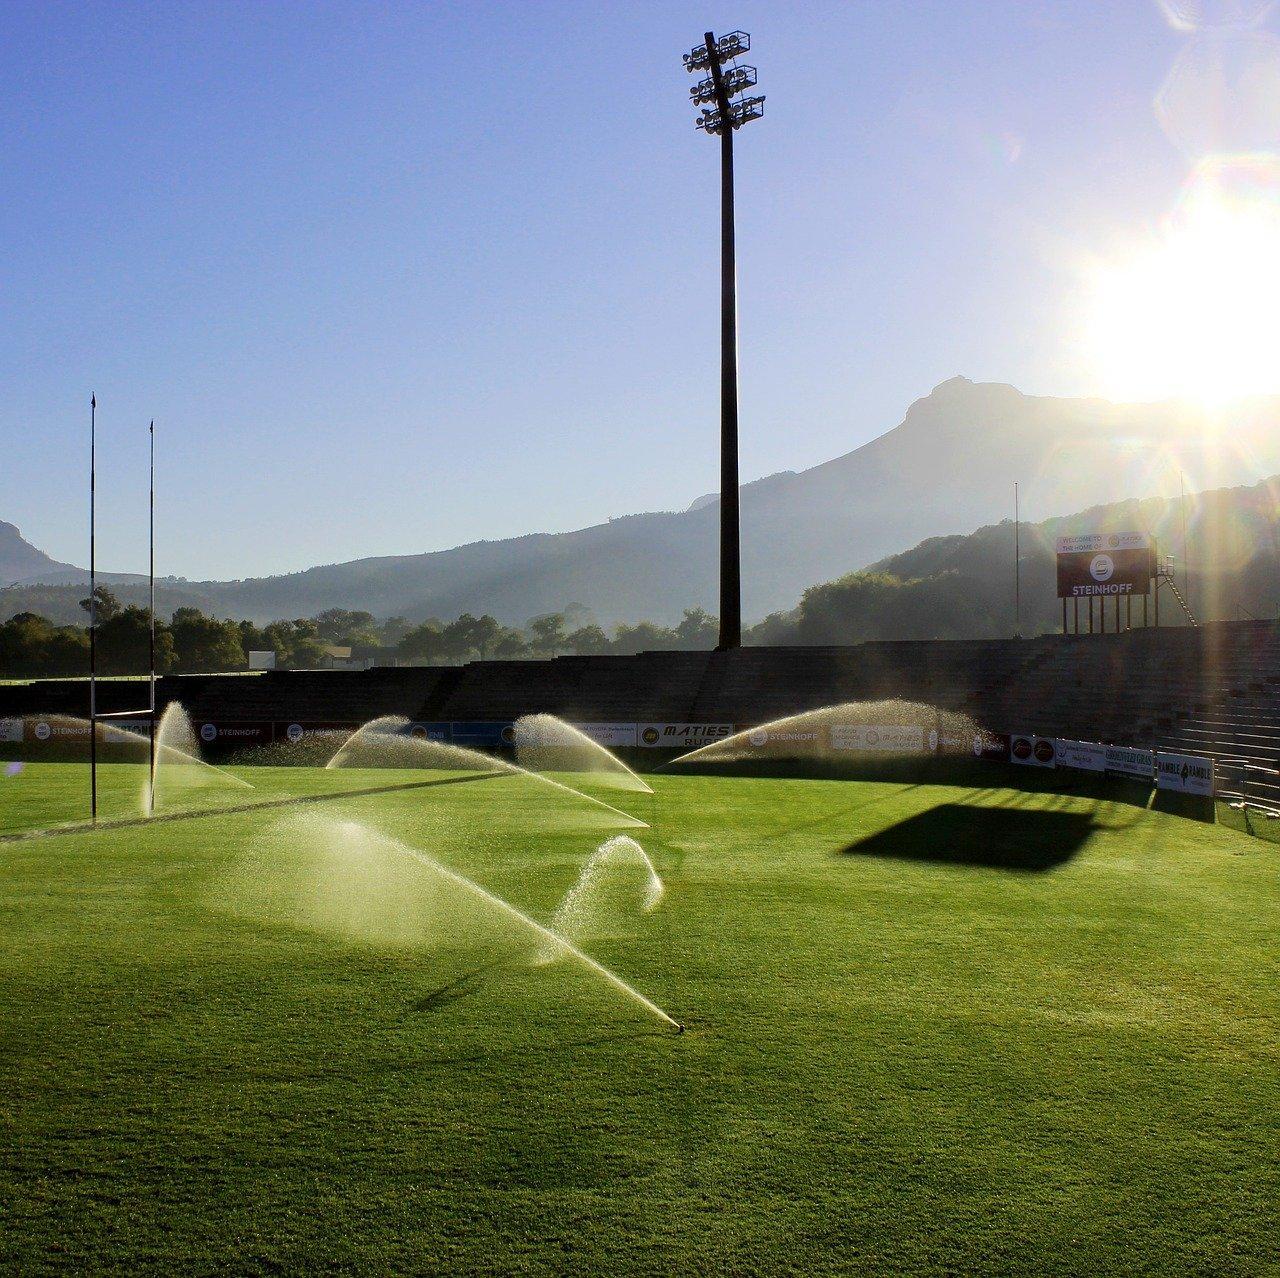 La fédération de Rugby espère terminer les championnats amateurs